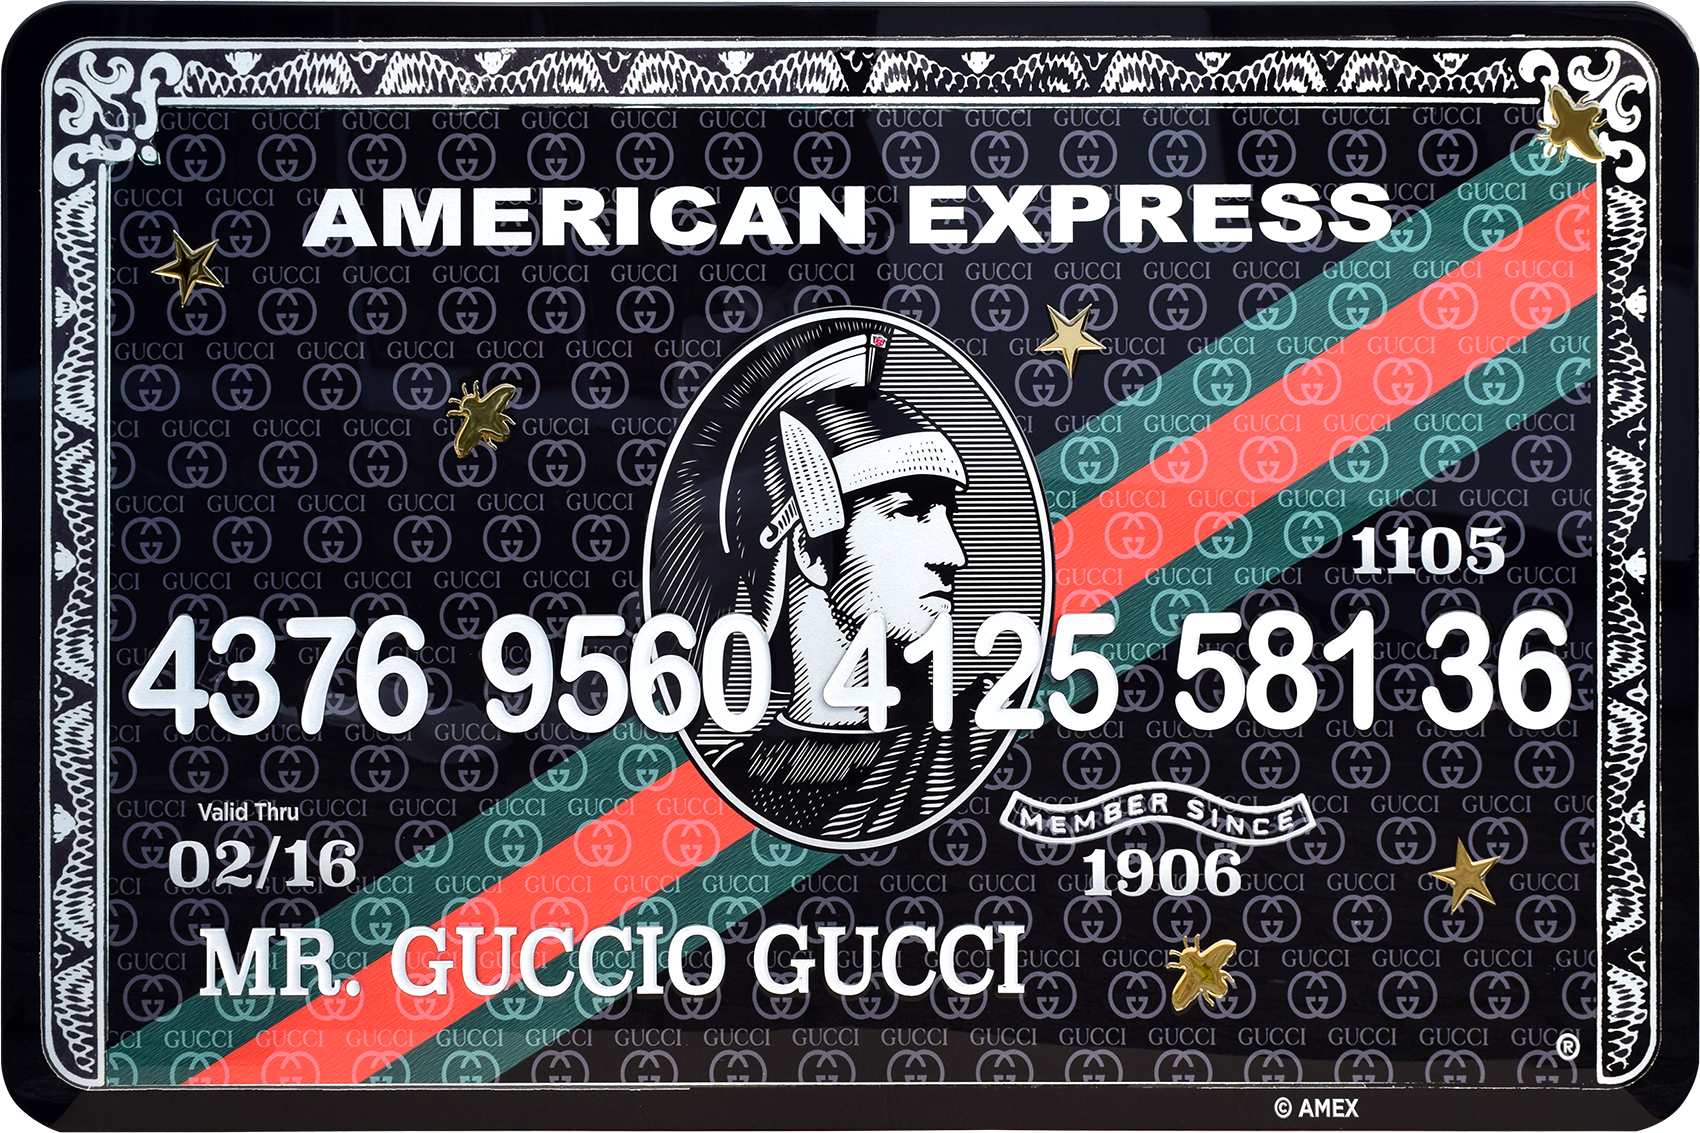 Diederik - AMEX (Mr. Guccio Gucci) , 4504-016-031